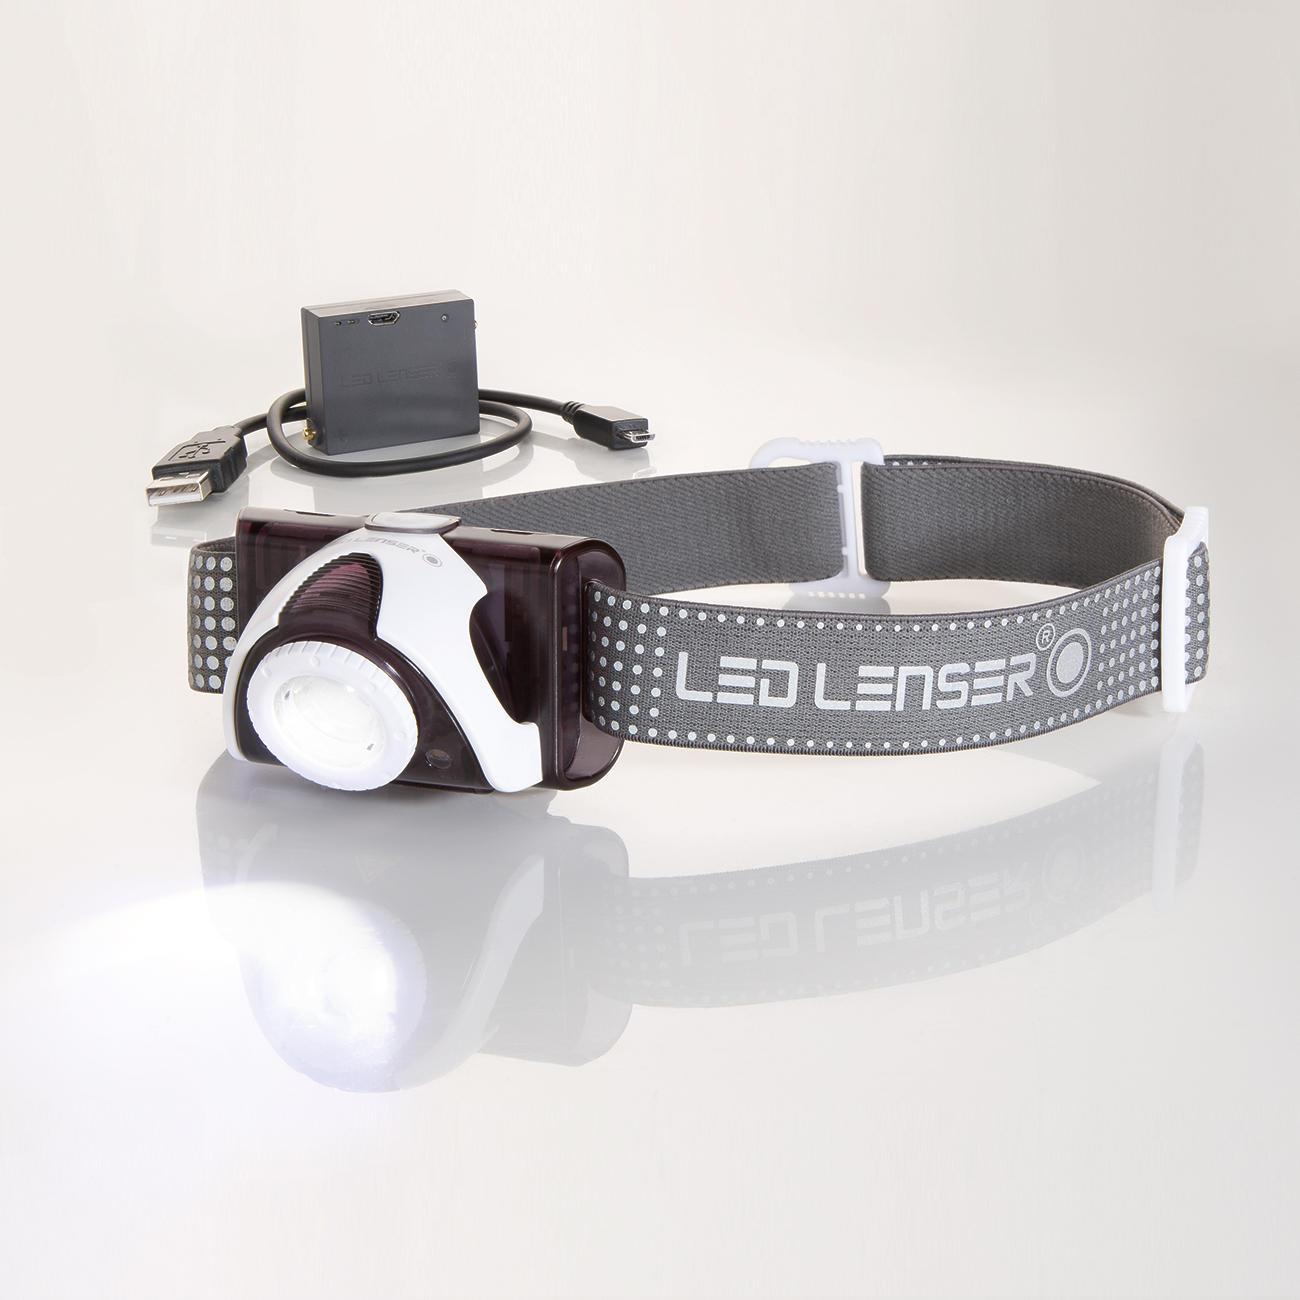 stirnlampe led lenser seo5r rechargeable online kaufen. Black Bedroom Furniture Sets. Home Design Ideas